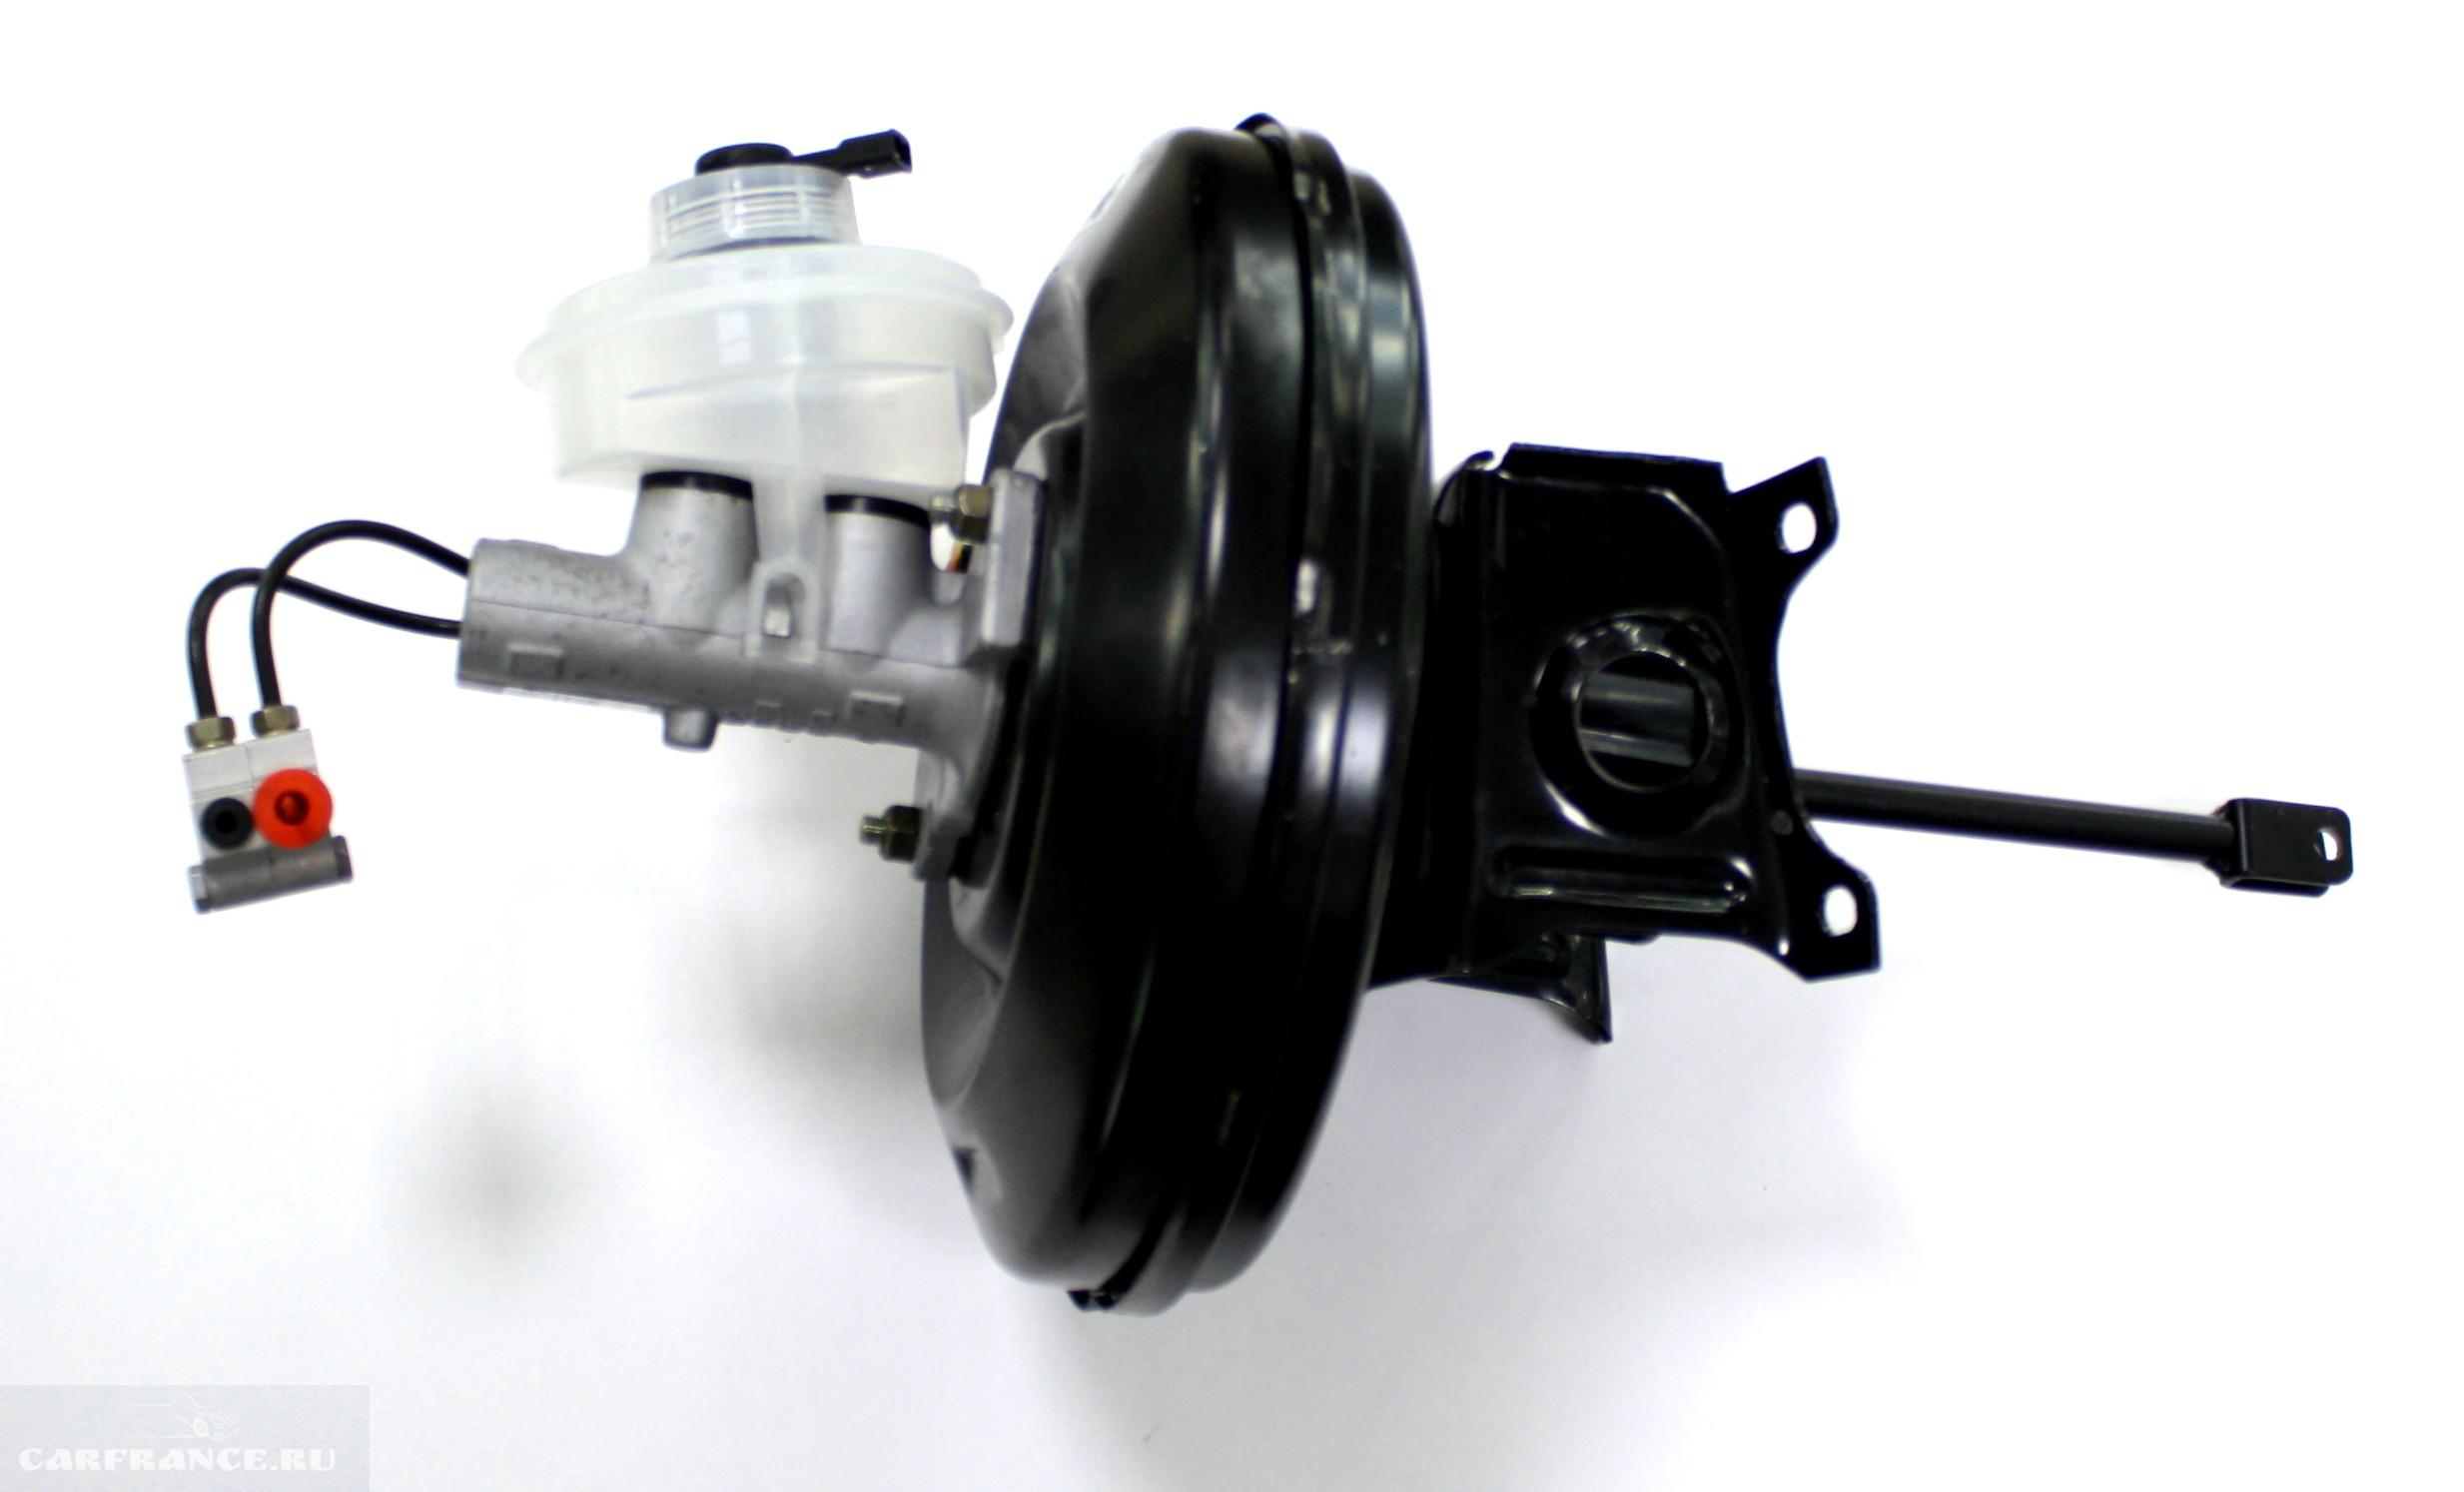 Замена вакуумного усилителя тормозов сузуки Замена троса ручного тормоза форд фокус 1